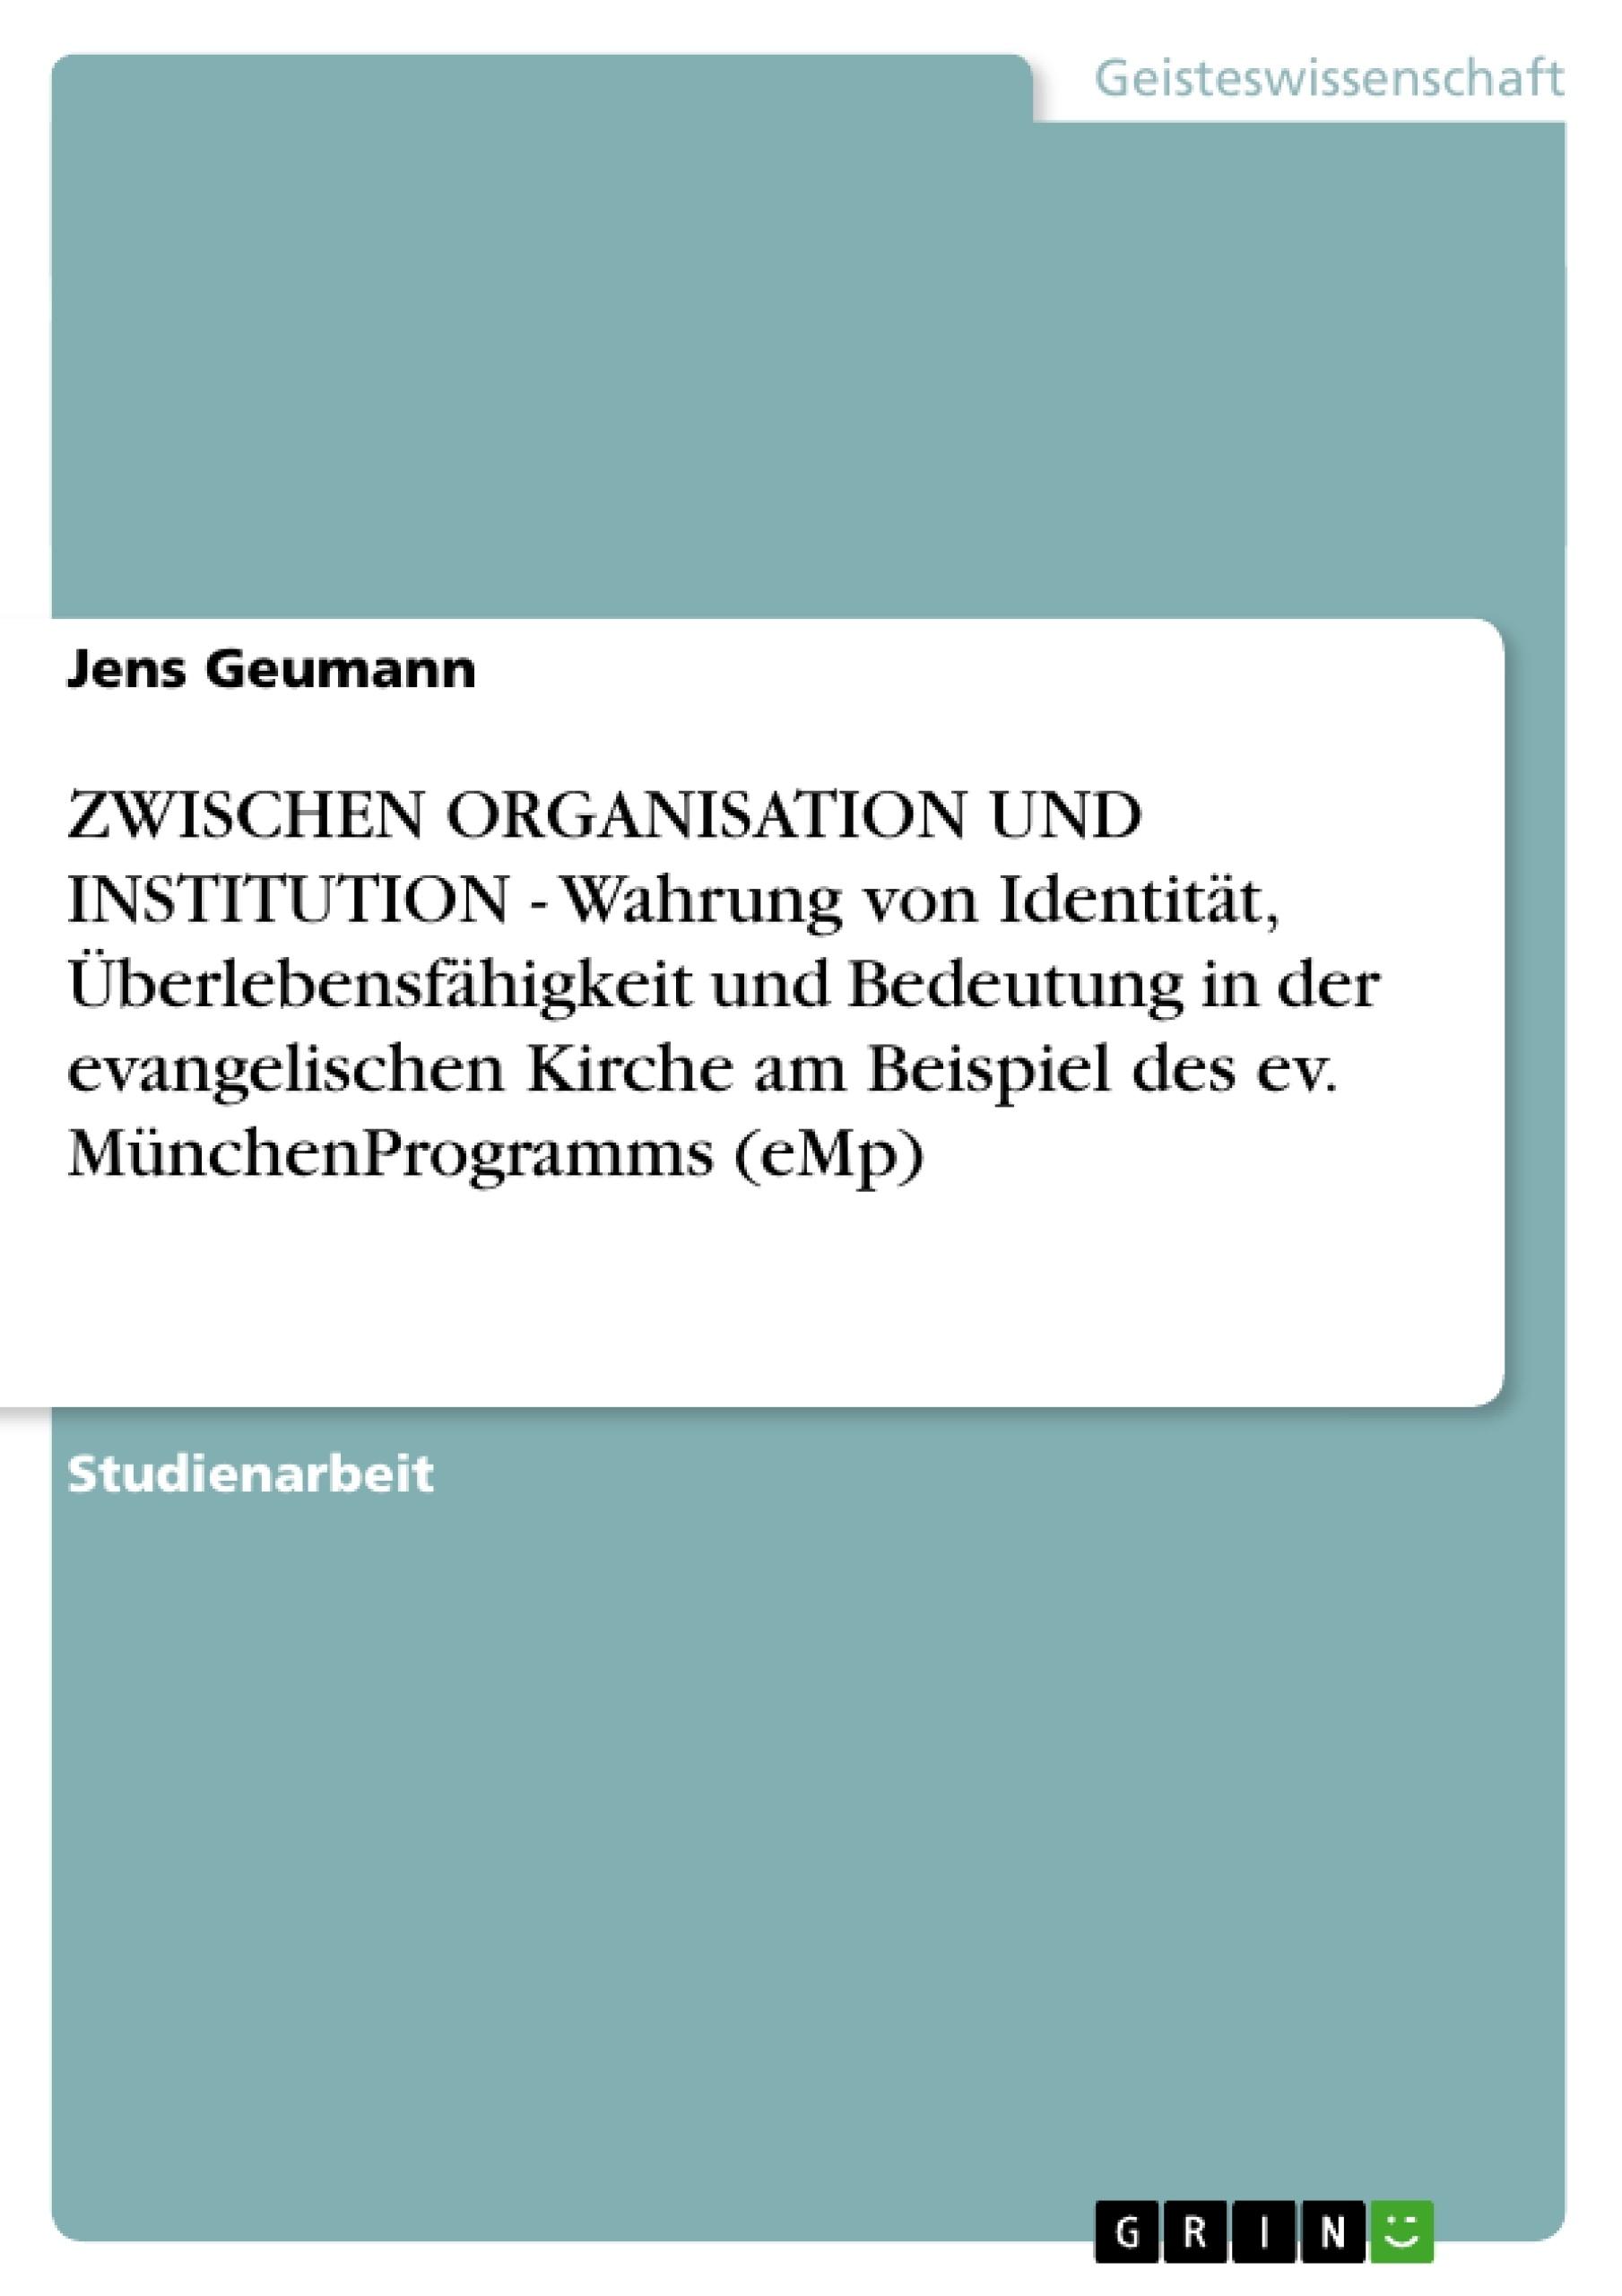 Titel: ZWISCHEN ORGANISATION UND INSTITUTION - Wahrung von Identität, Überlebensfähigkeit und Bedeutung in der evangelischen Kirche am Beispiel des ev. MünchenProgramms (eMp)